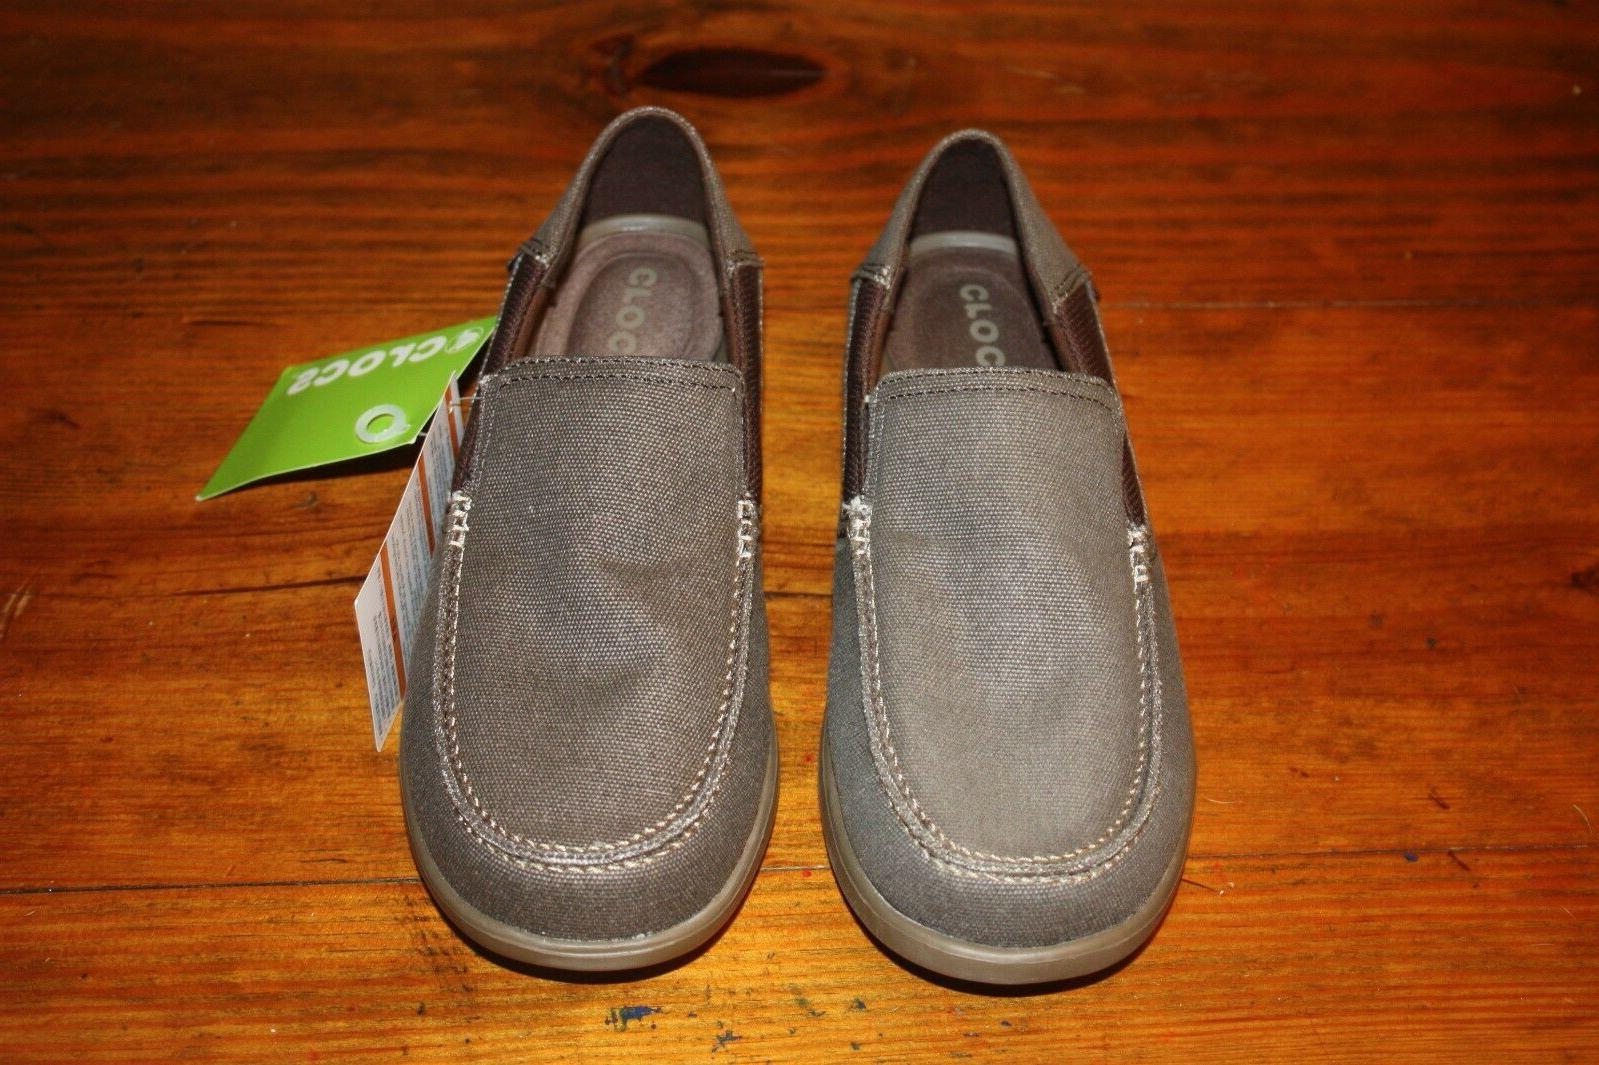 NEW Crocs Cruz 2 Brown Loafer Walnut Size 8